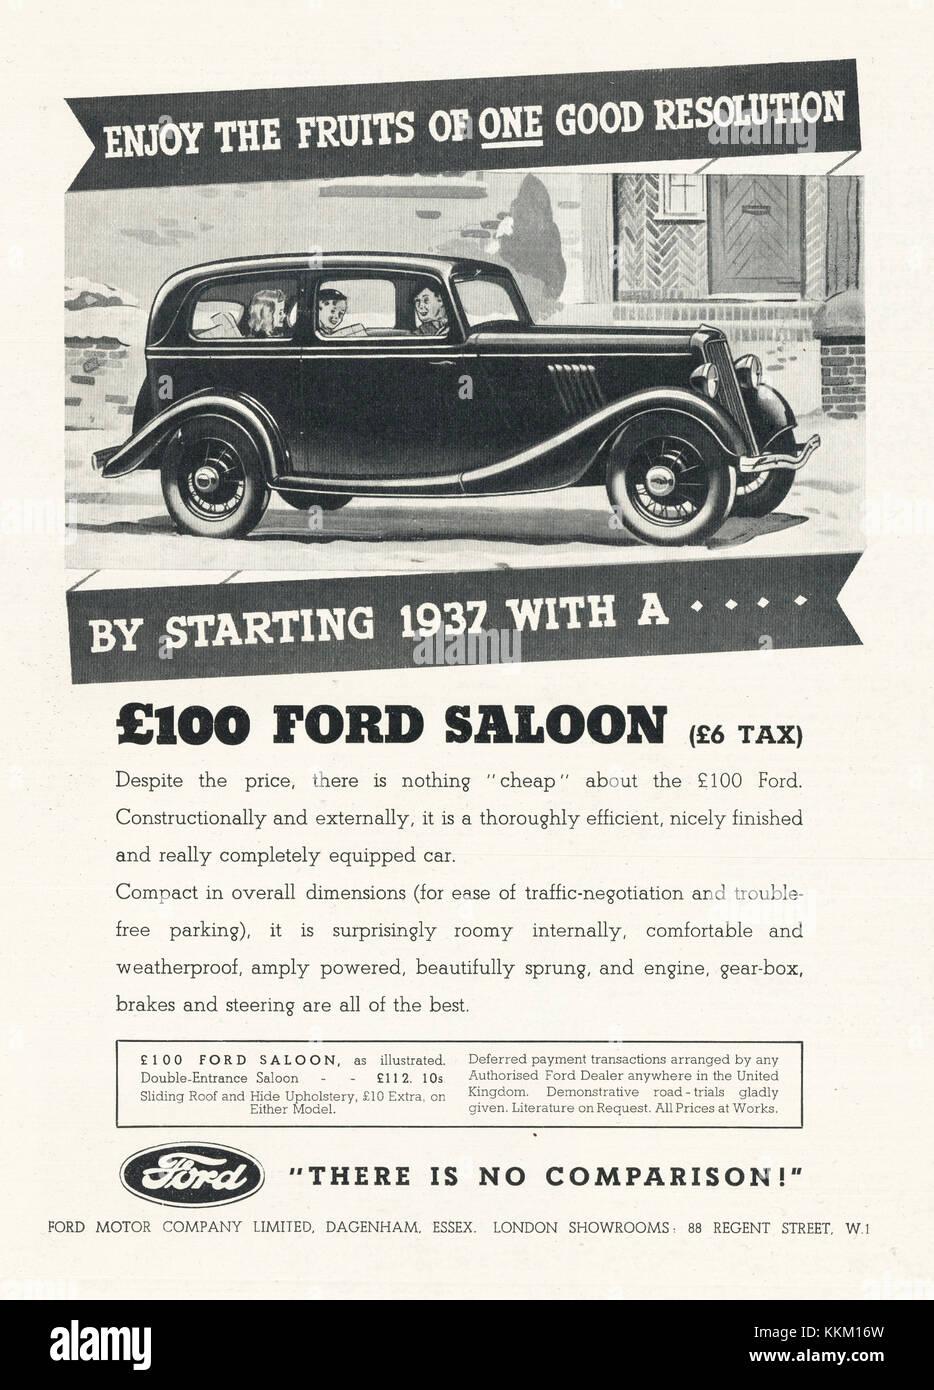 1937 UK Magazine Ford Car Advert - Stock Image